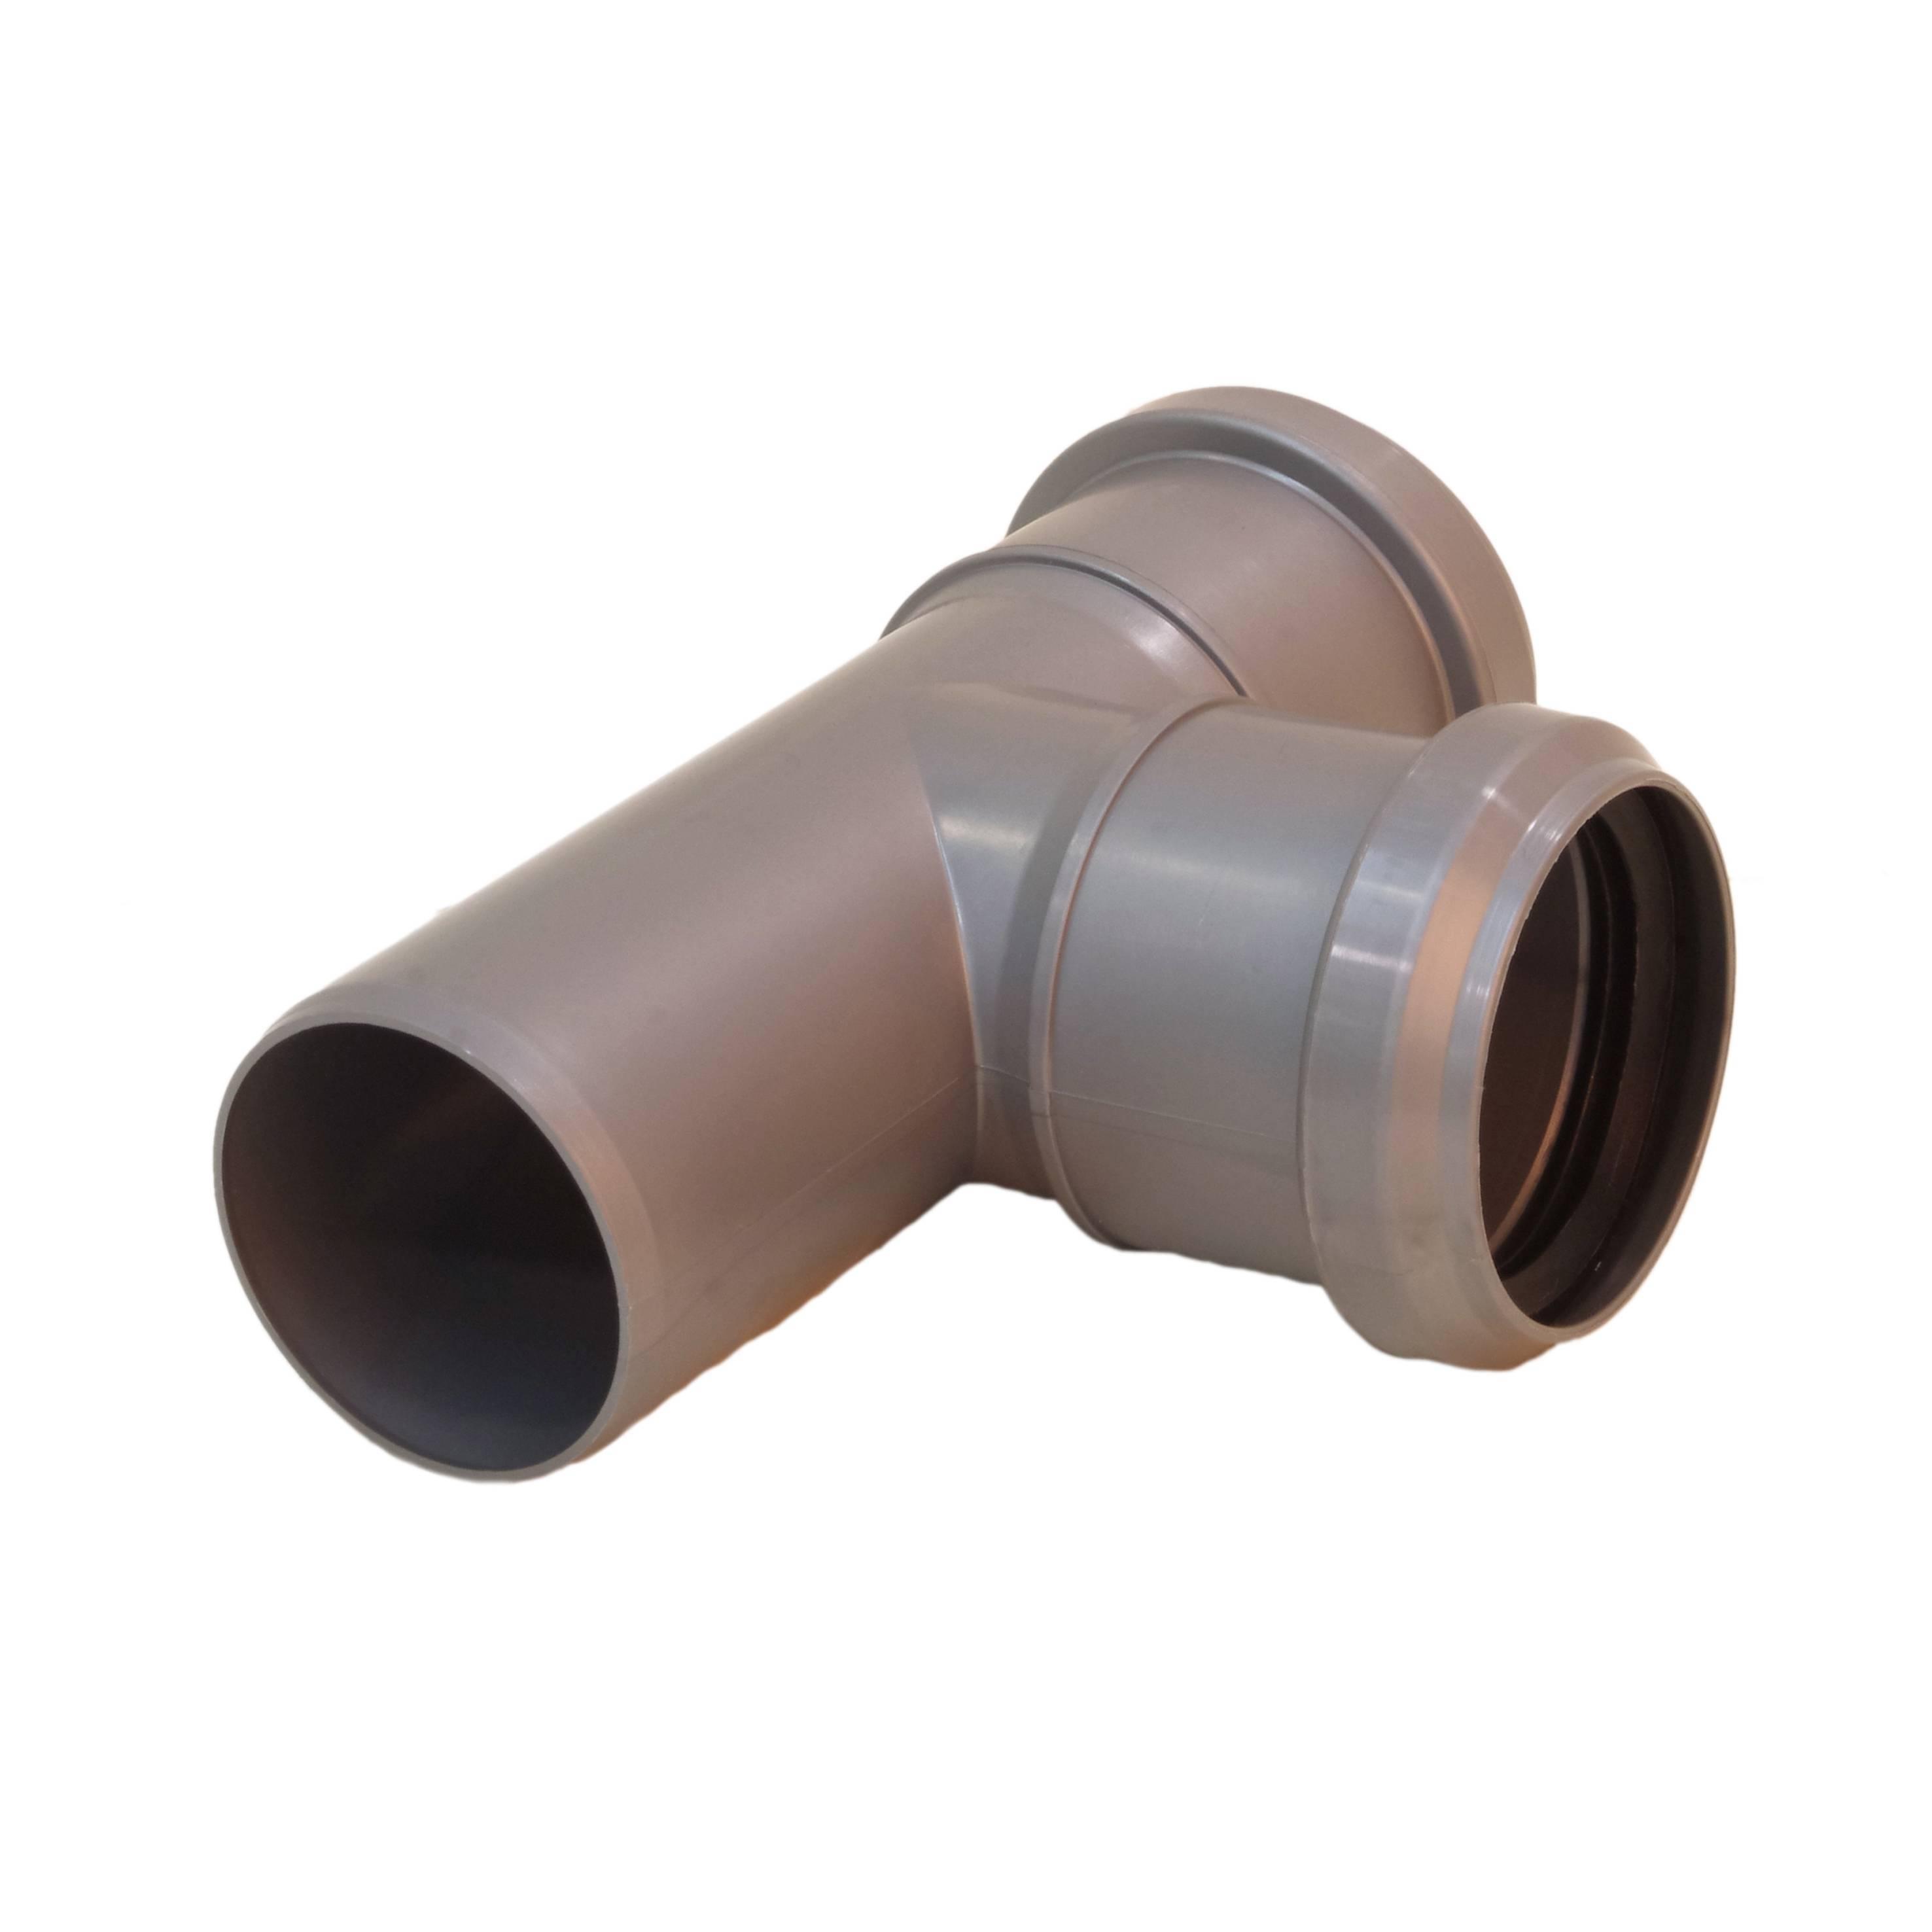 Канализационные трубы для наружной канализации: монтаж